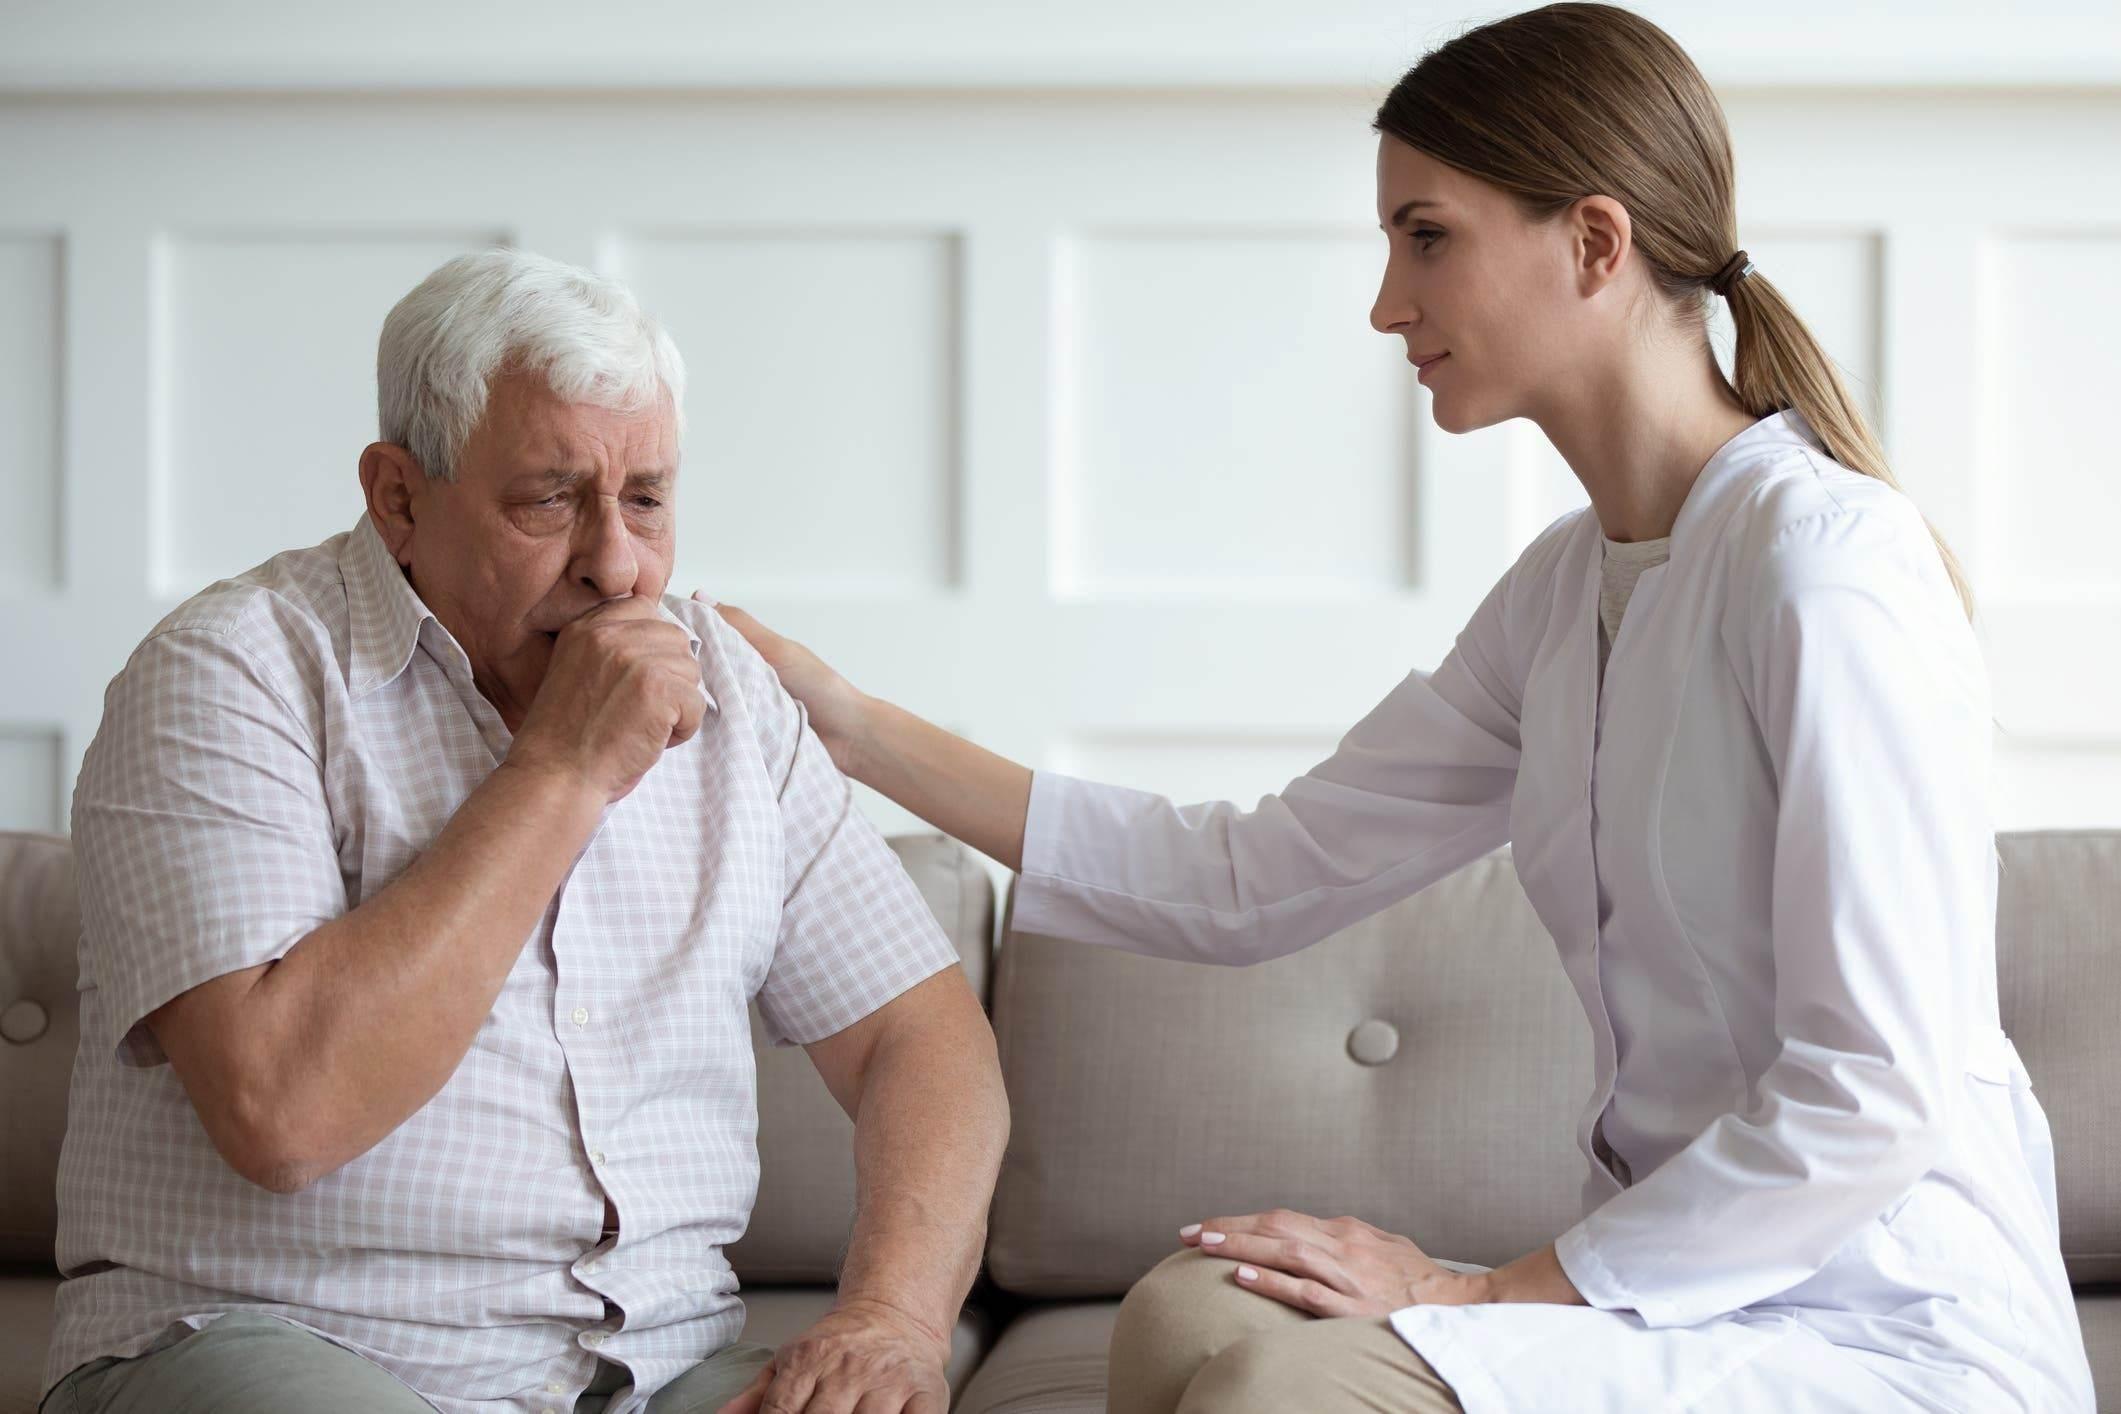 علماء صحة: الهواء يحمل الفيروس وينقل العدوى للإنسان عند استنشاقه